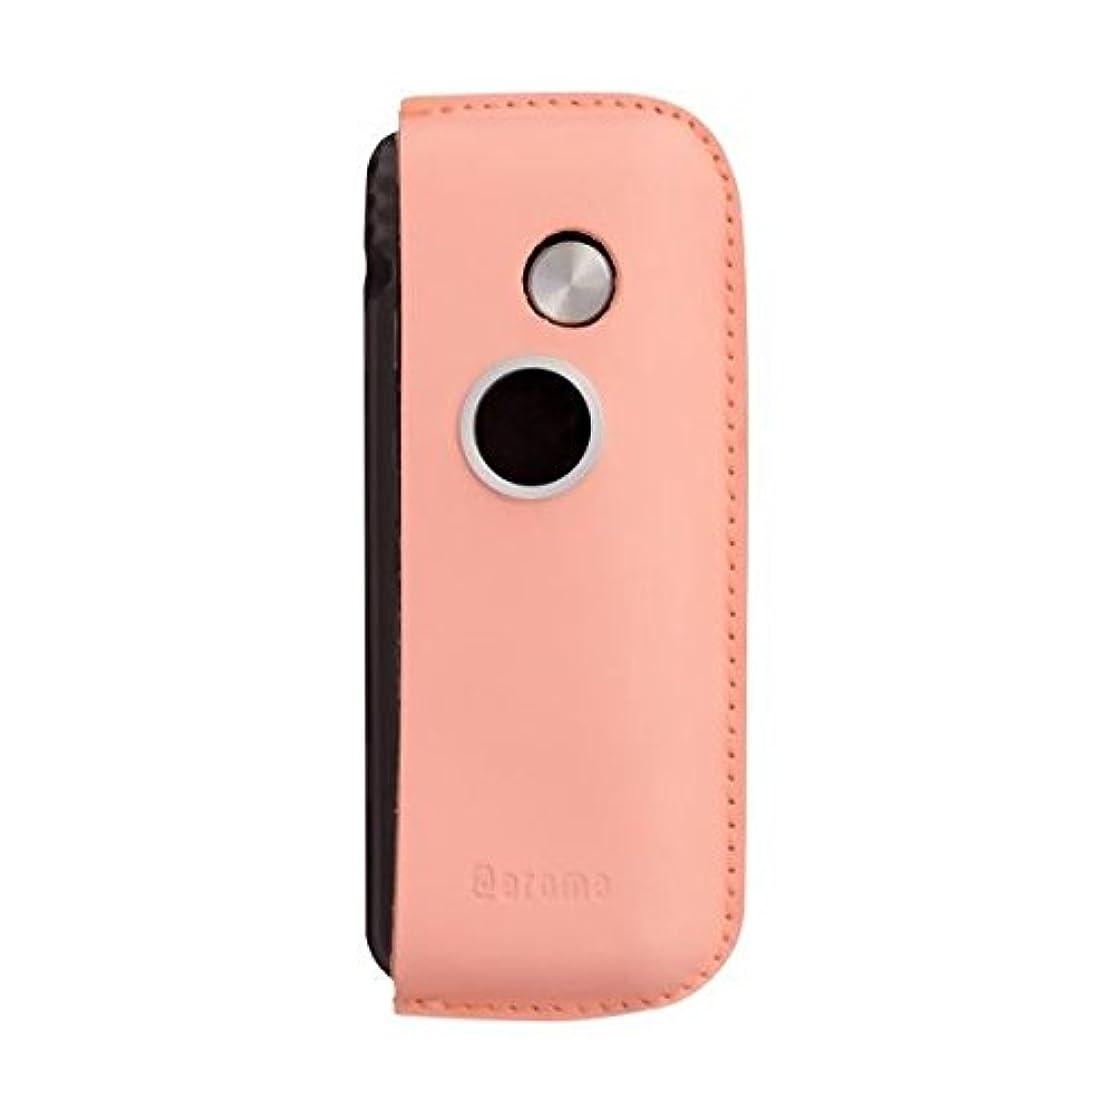 恨み服を着るホースファンファン(ピンク)&人気のアロマset【モバイルディフューザー funfan+AromaOil】mobile diffuser (BulgariaRose)